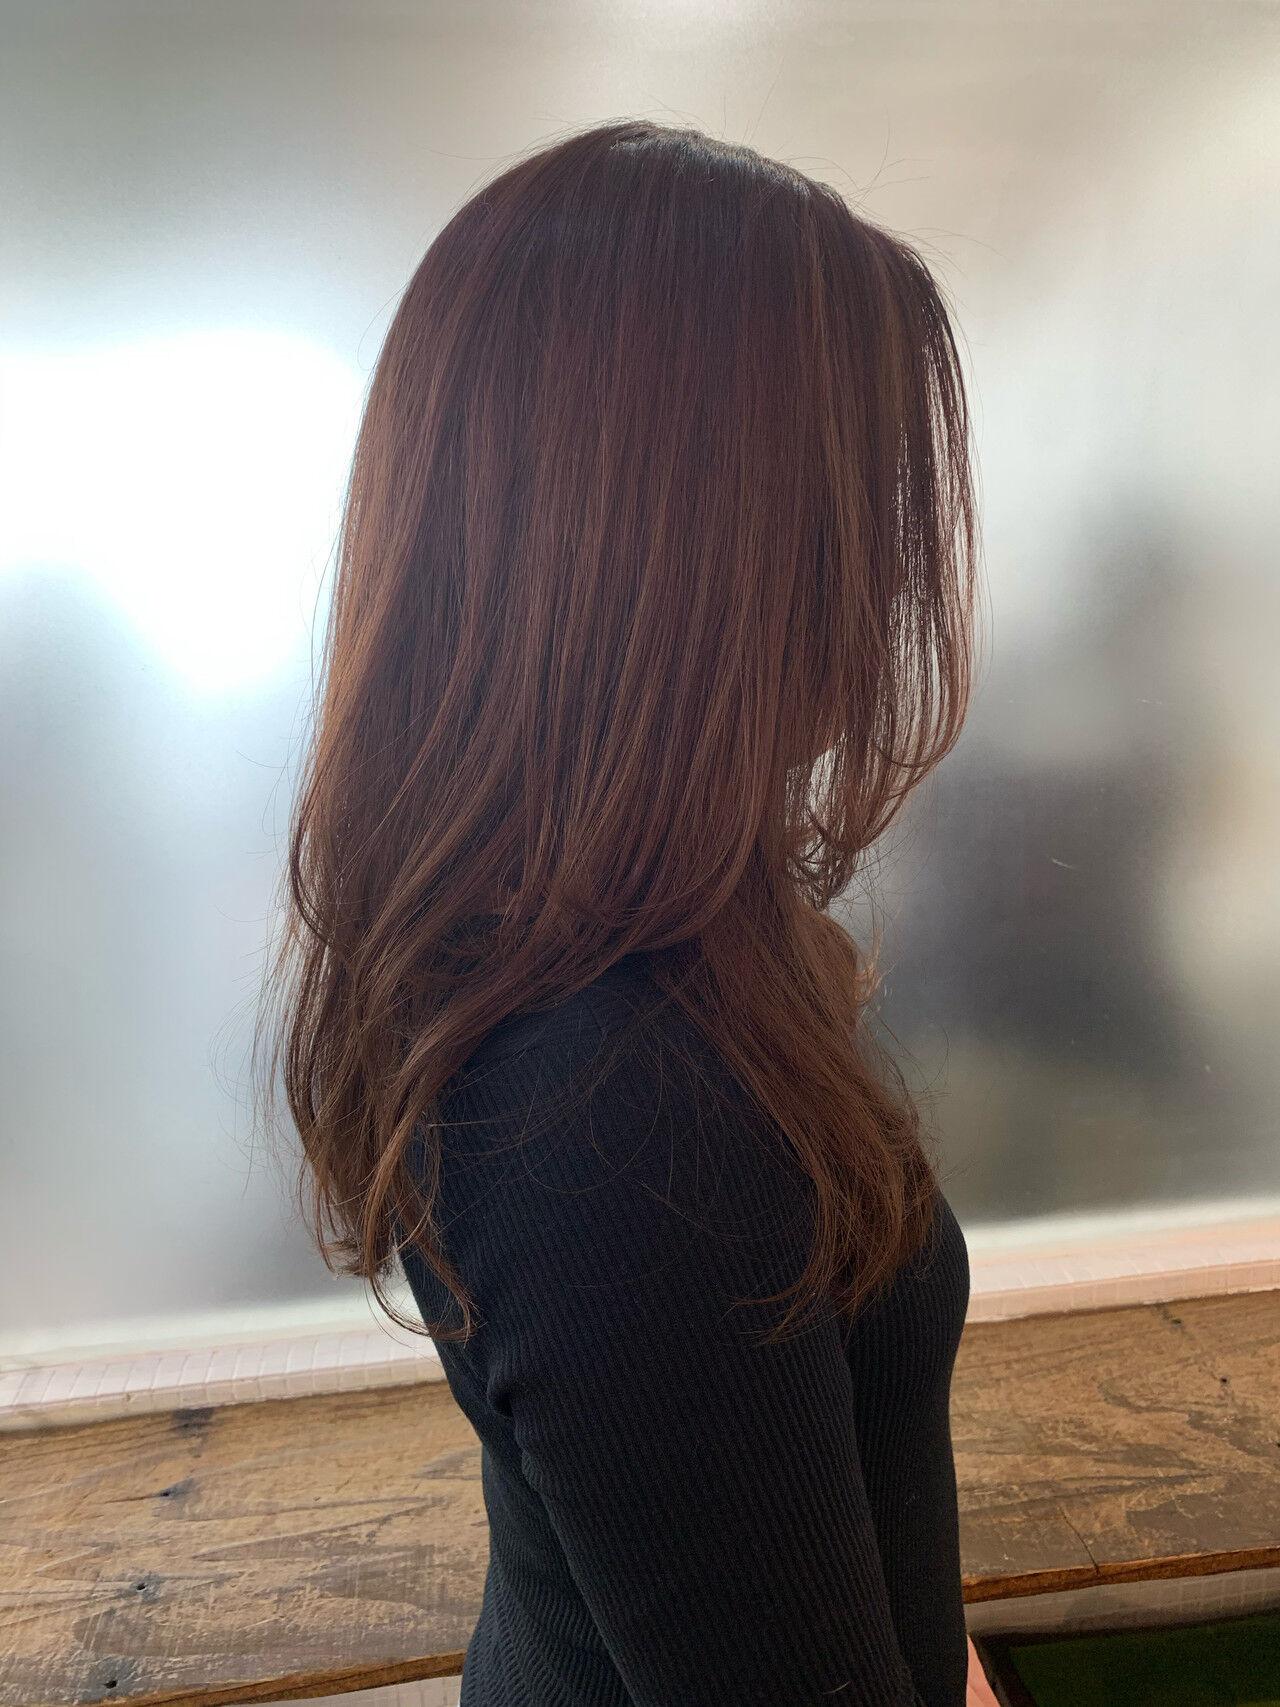 レイヤー フェミニン レイヤーヘアー ミディアムレイヤーヘアスタイルや髪型の写真・画像